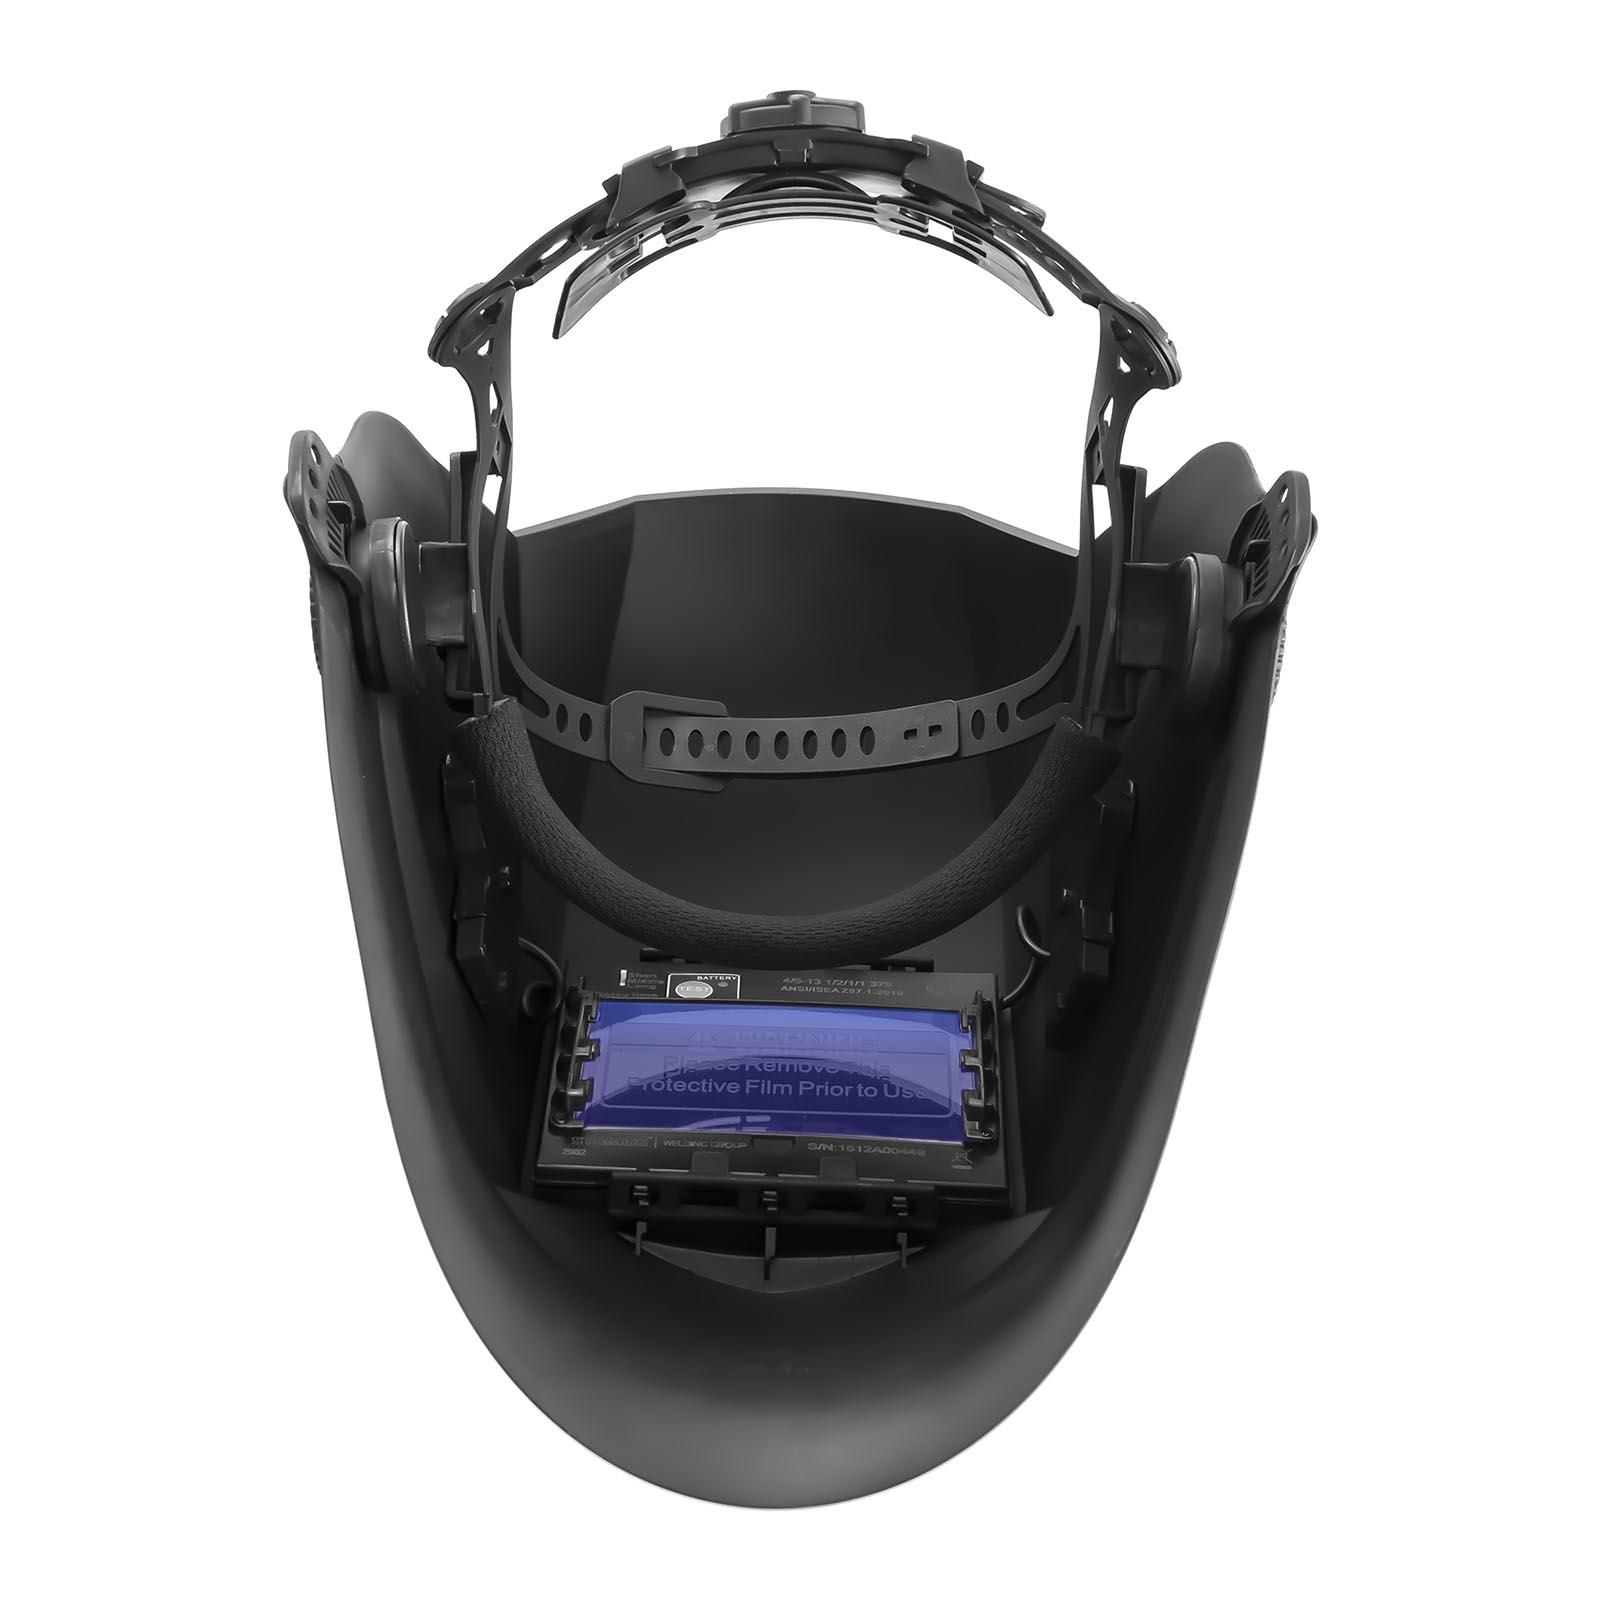 cagoule de soudure auto masque a souder casque de soudage. Black Bedroom Furniture Sets. Home Design Ideas